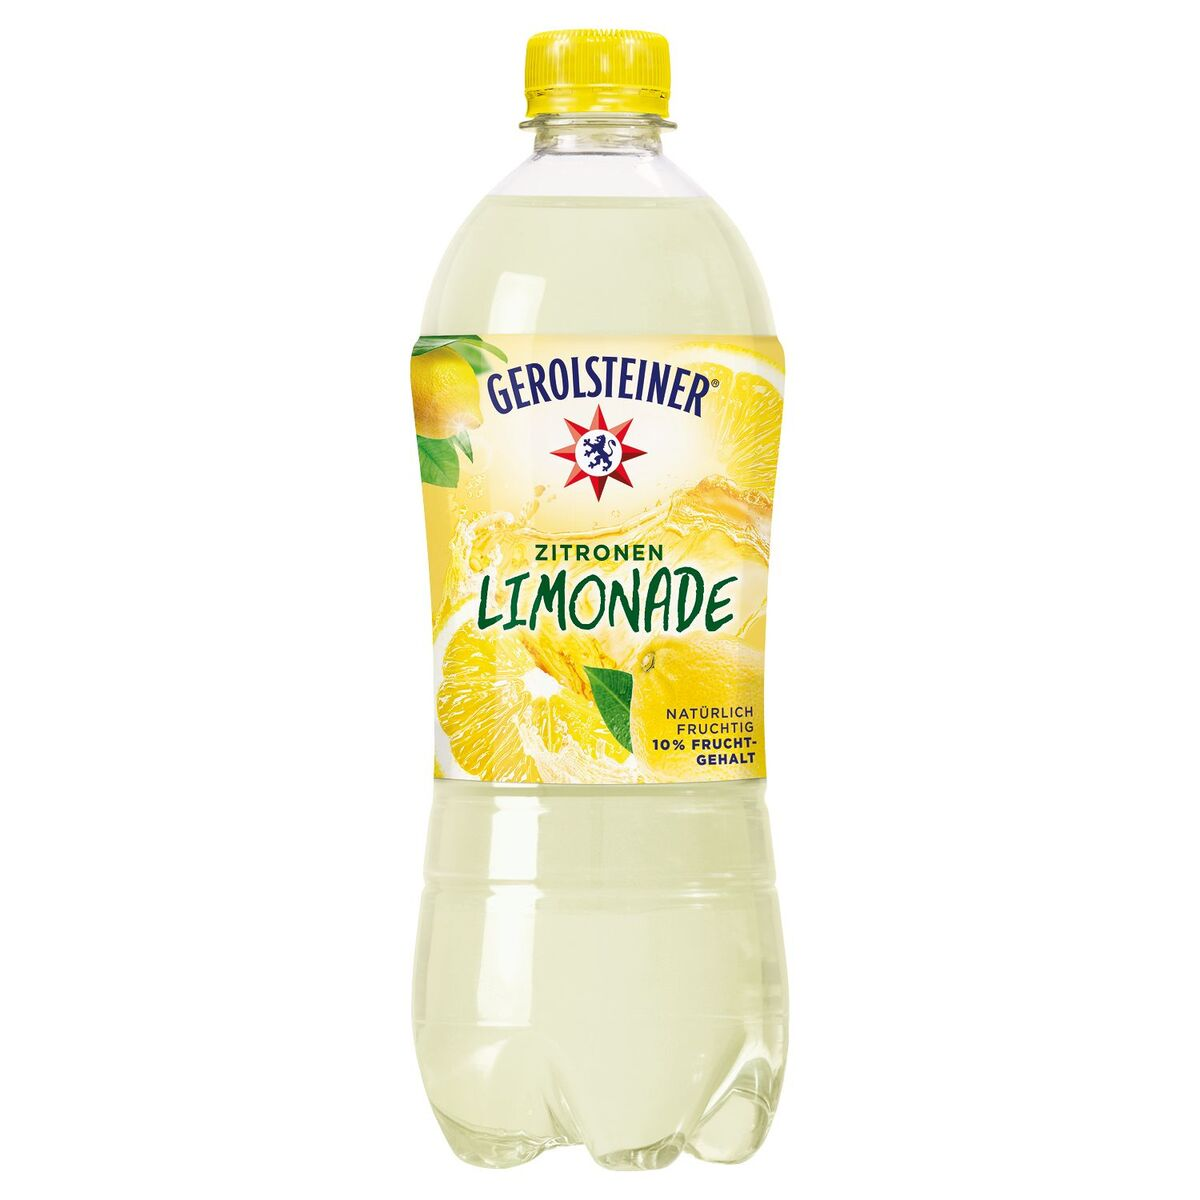 Bild 1 von GEROLSTEINER Limonade 0,75 l